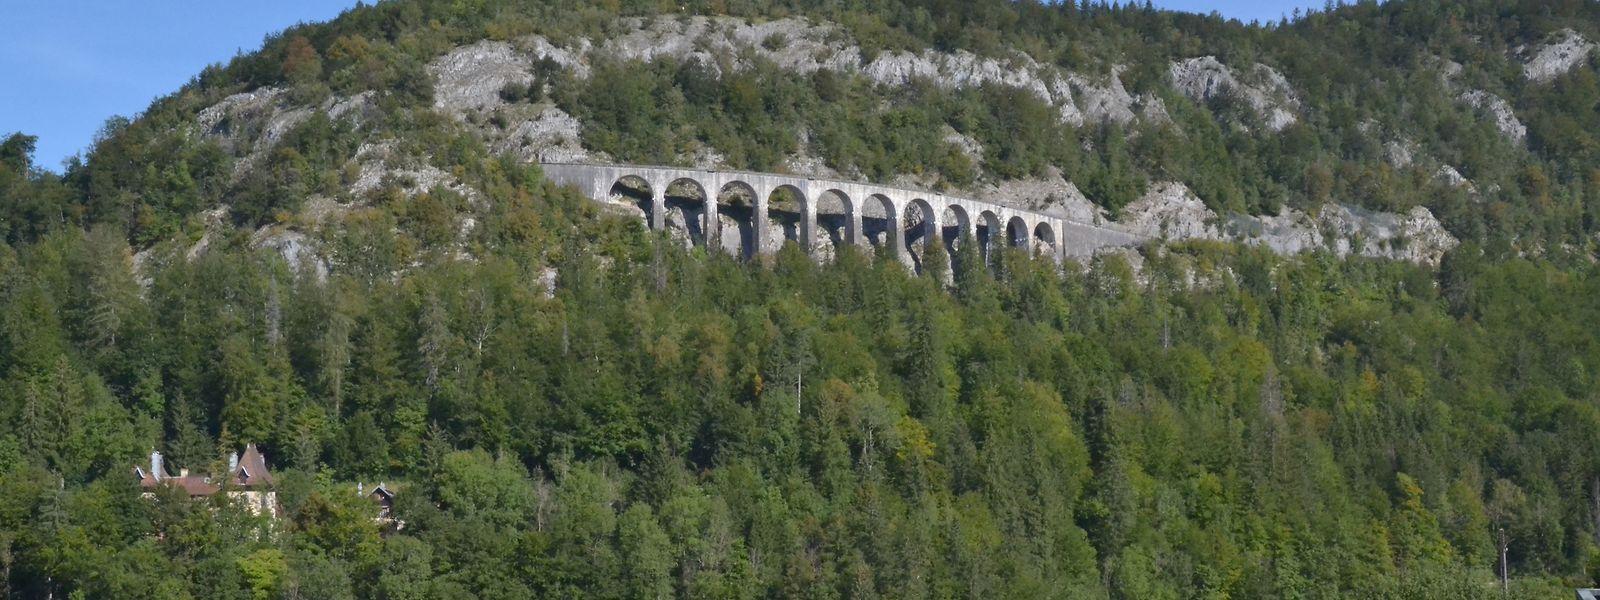 """Bei Mortez bietet die Eisenbahnlinie """"ligne des hirondelles"""" eine beeindruckende Linienführung mit den beiden Viadukten."""